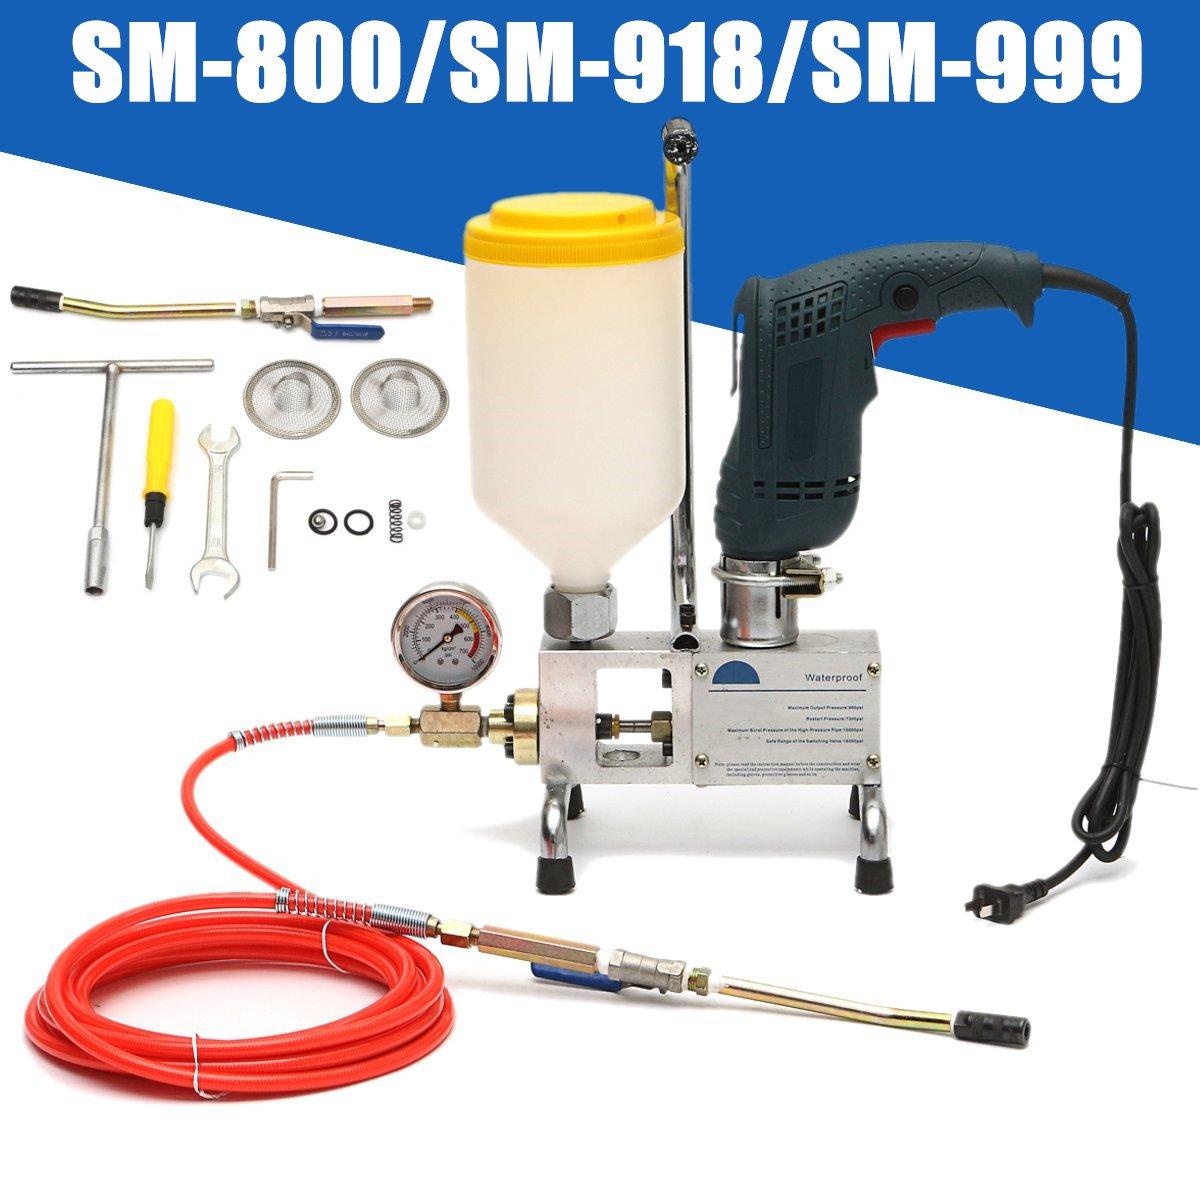 Pompe à injection époxy mousse époxy/polyuréthane Mini Machine de jointoiement Portable tuyau en acier réparation de béton fissure nouveauté 2019 - 6